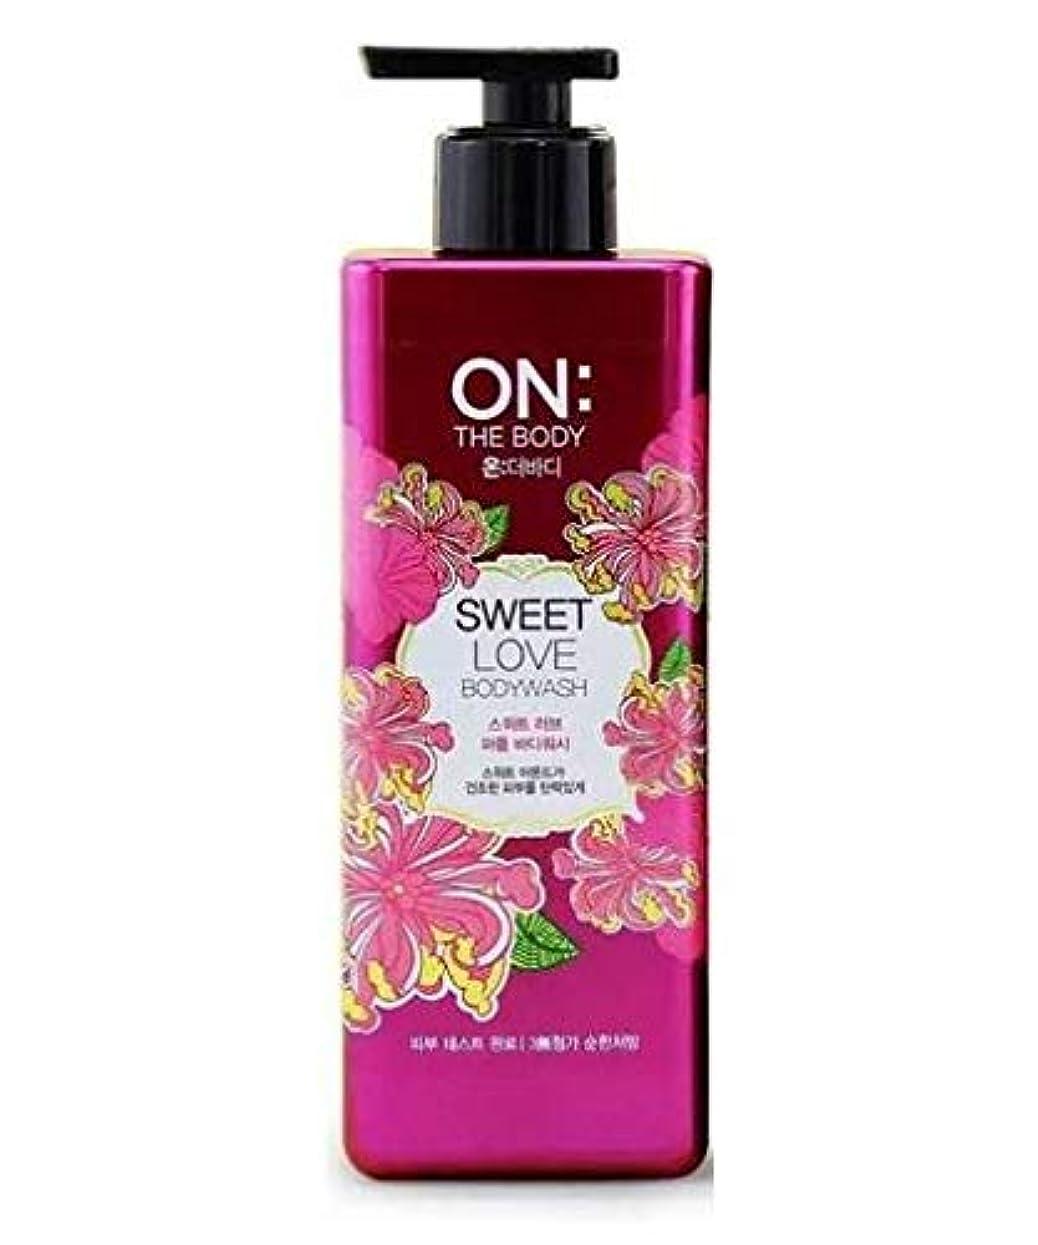 ゴミ箱を空にする金属衣類ON THE BODY Sweet Love Body Wash 500g/17.6oz